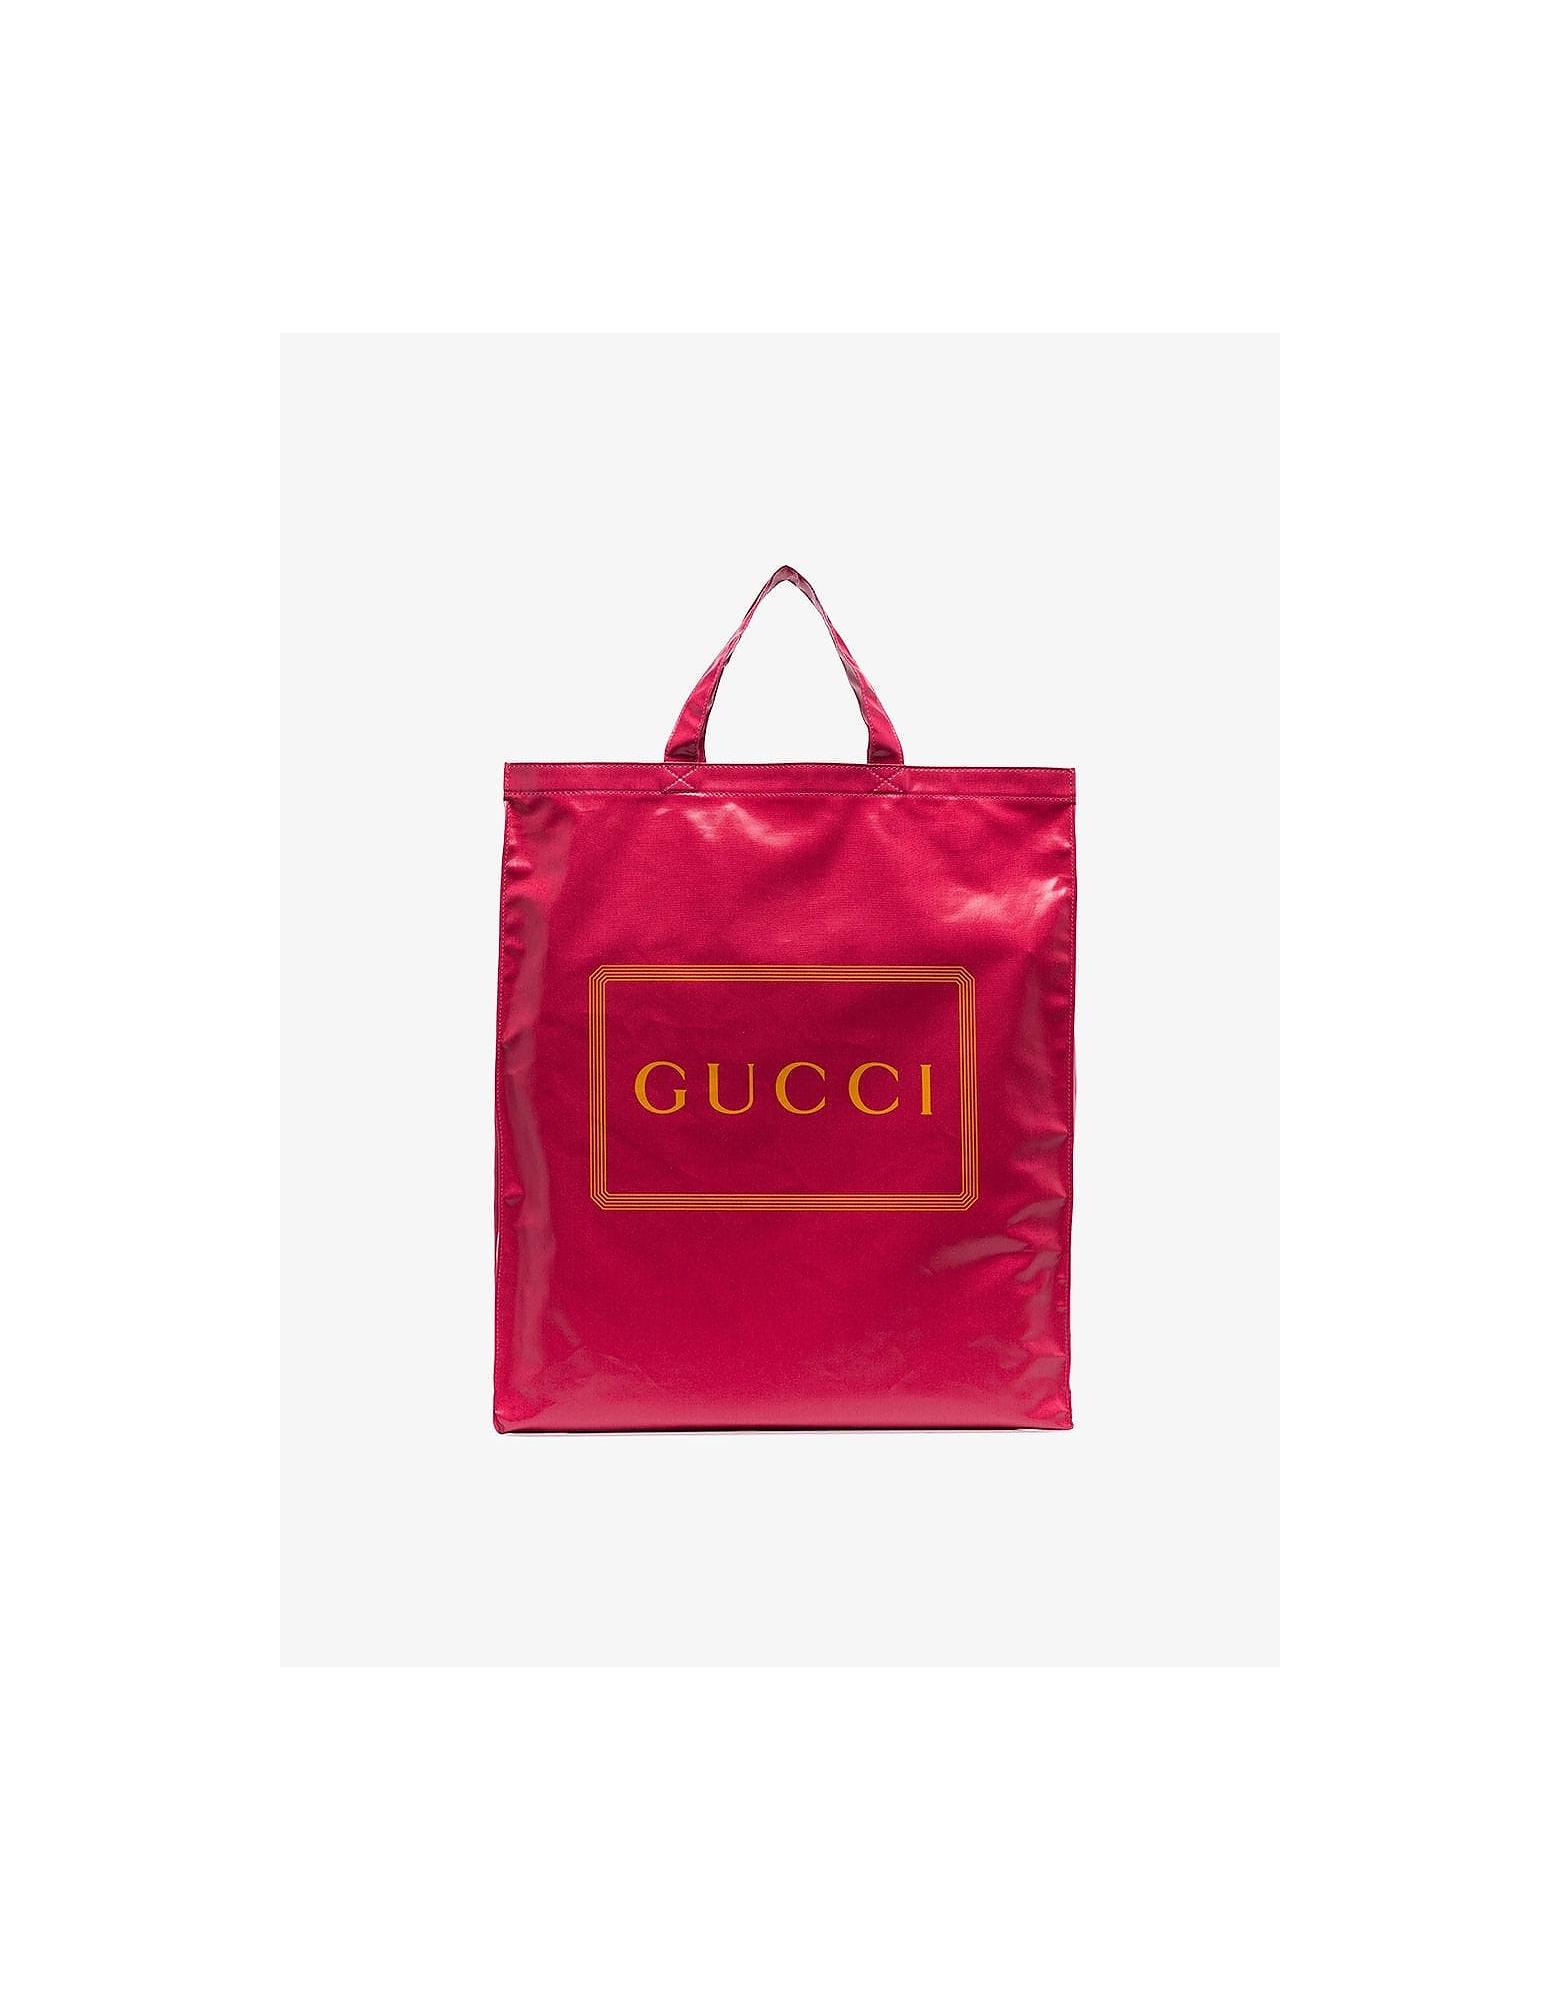 Gucci Bags PINK LOGO GRANNY SHOPPER BAG